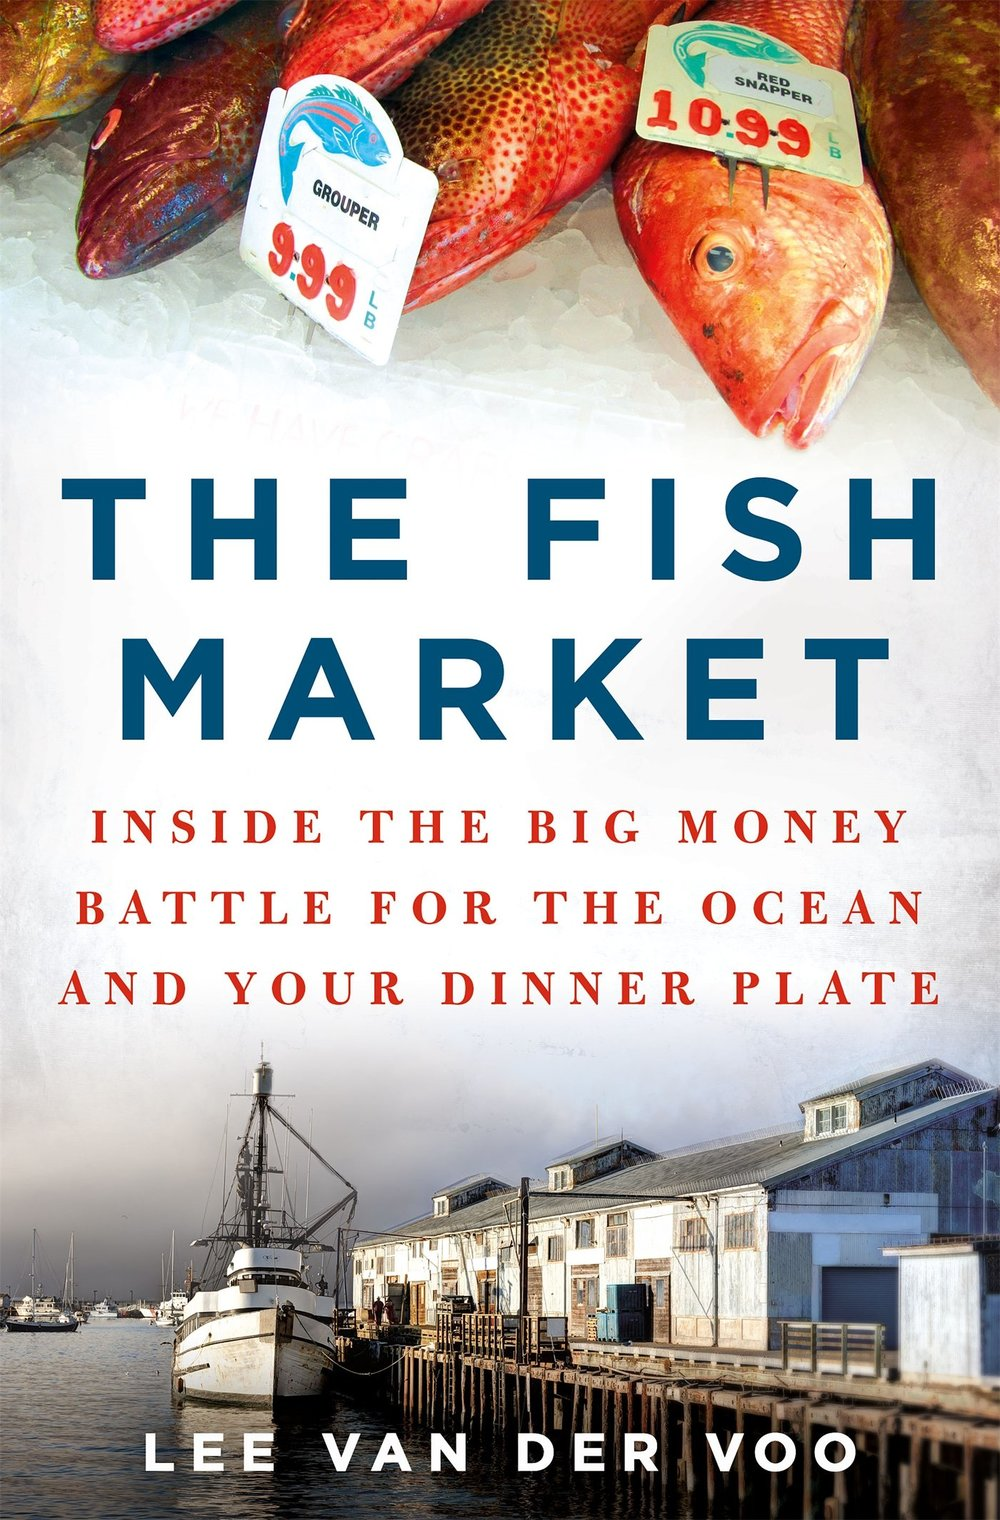 The-Fish-Market-by-Lee-van-der-Voo.jpg